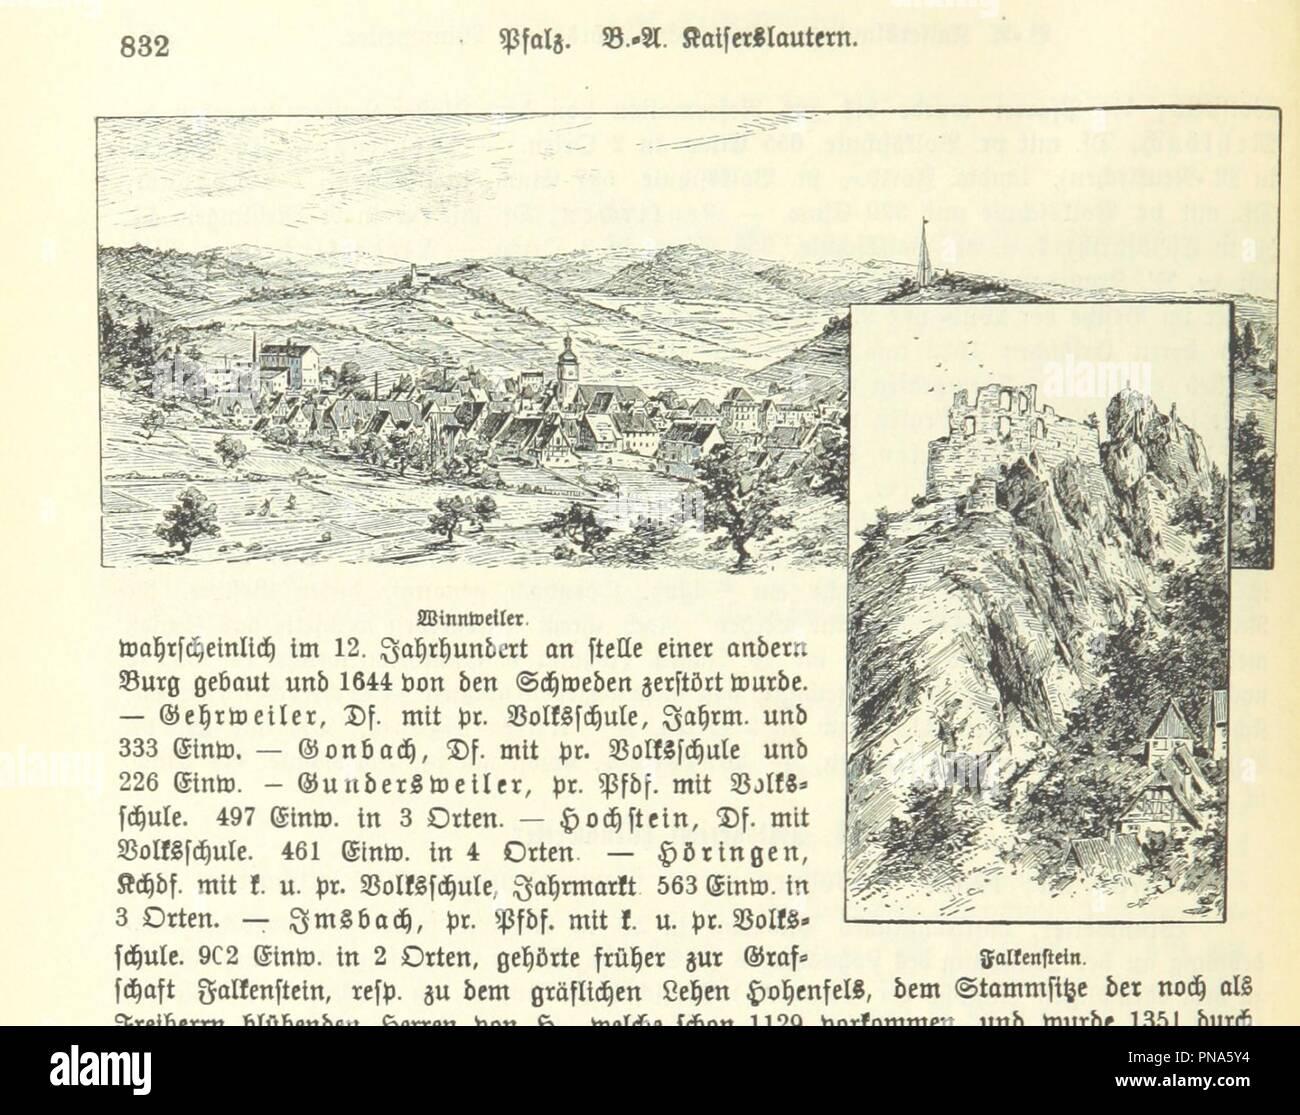 Image  from page 848 of 'Geographisch-historisches Handbuch von Bayern' . - Stock Image